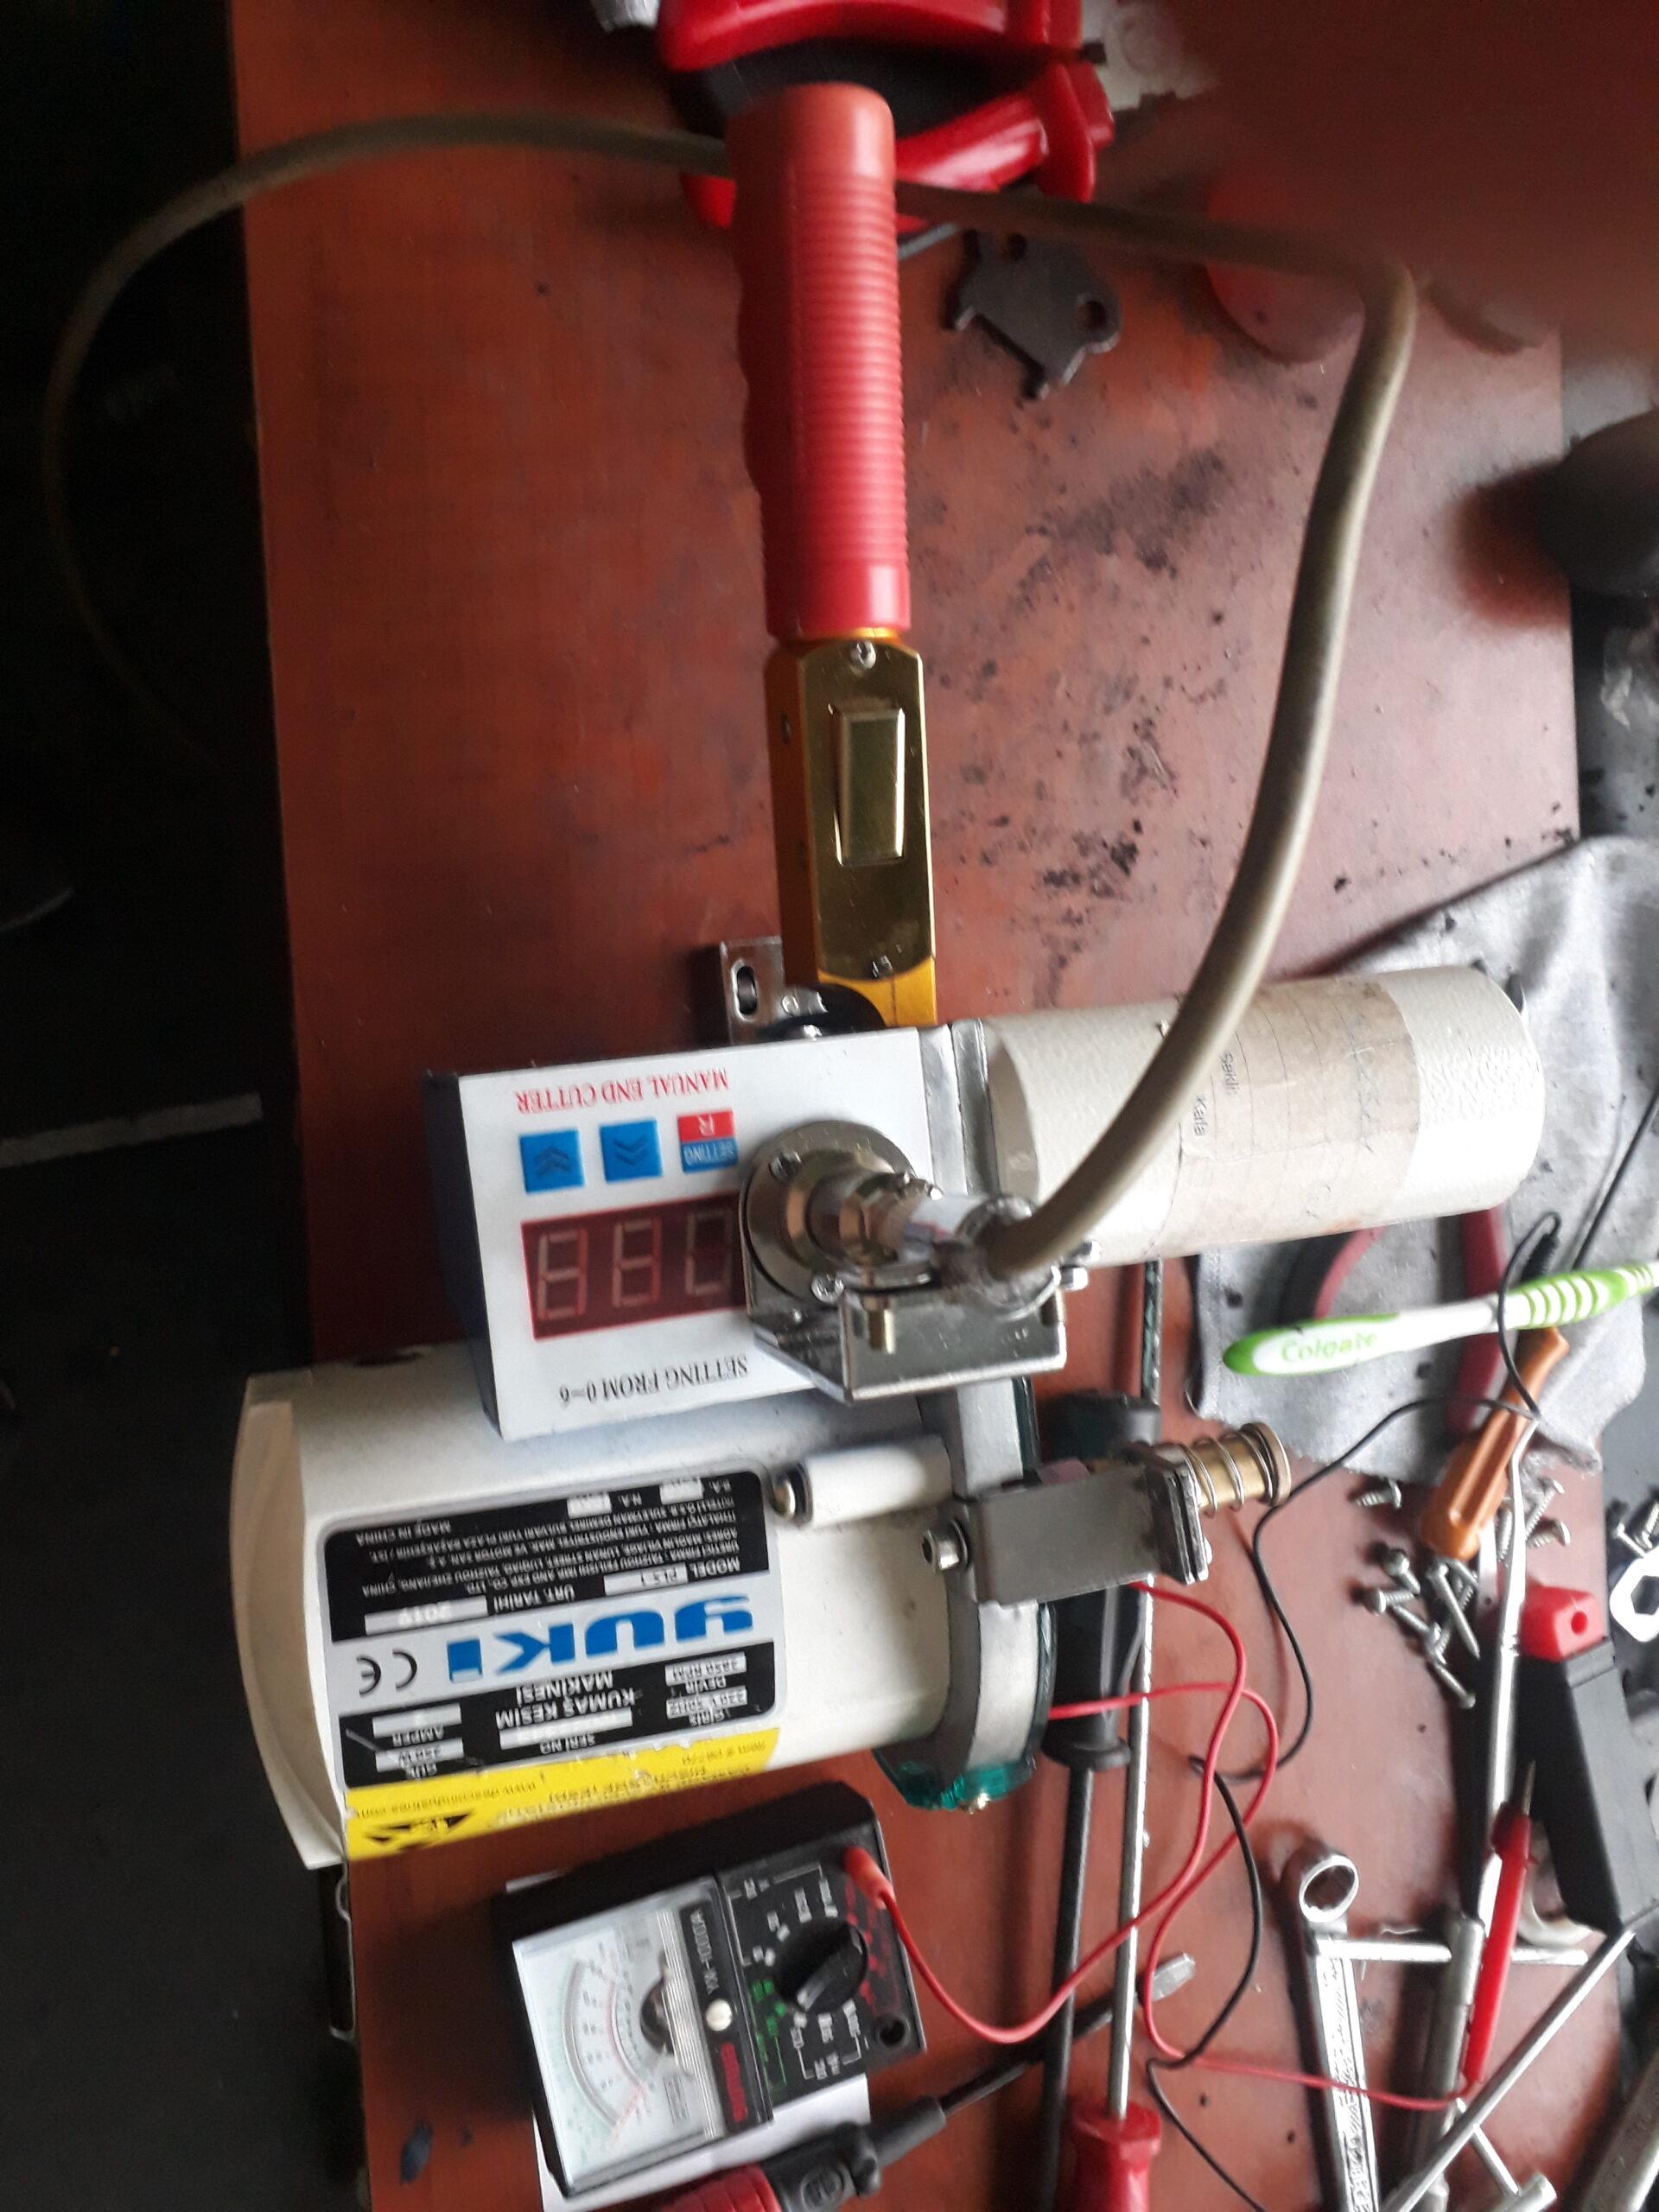 Elektronik kart devre arızası bulunan Yuki Pastalbaşı Kumaş Kesim Motoru gerekli müdahaleler yapılarak çalışır duruma getirilmiştir. İrtibat: (90) 0538 749 34 59